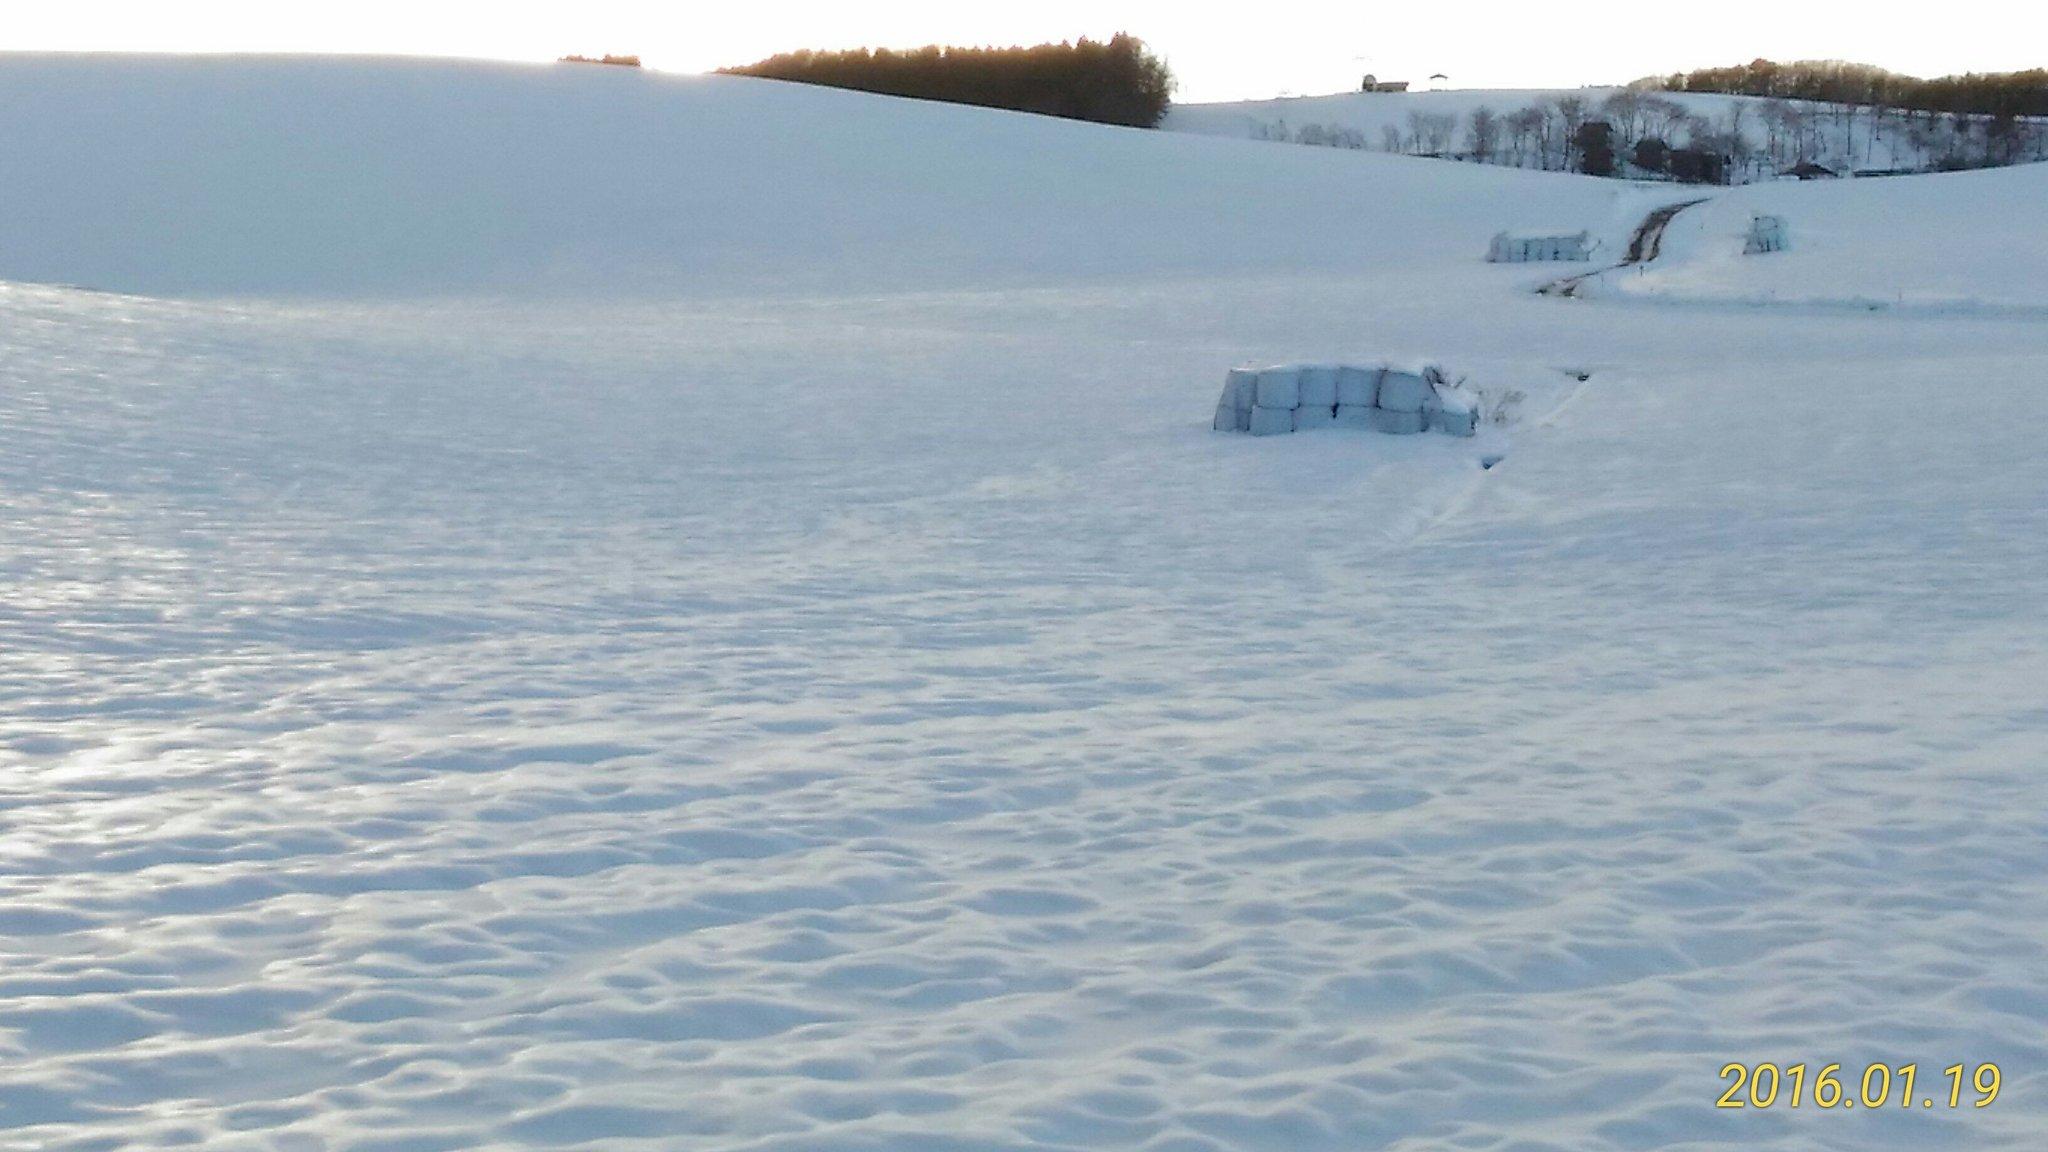 鹿角平は雪原になりました。